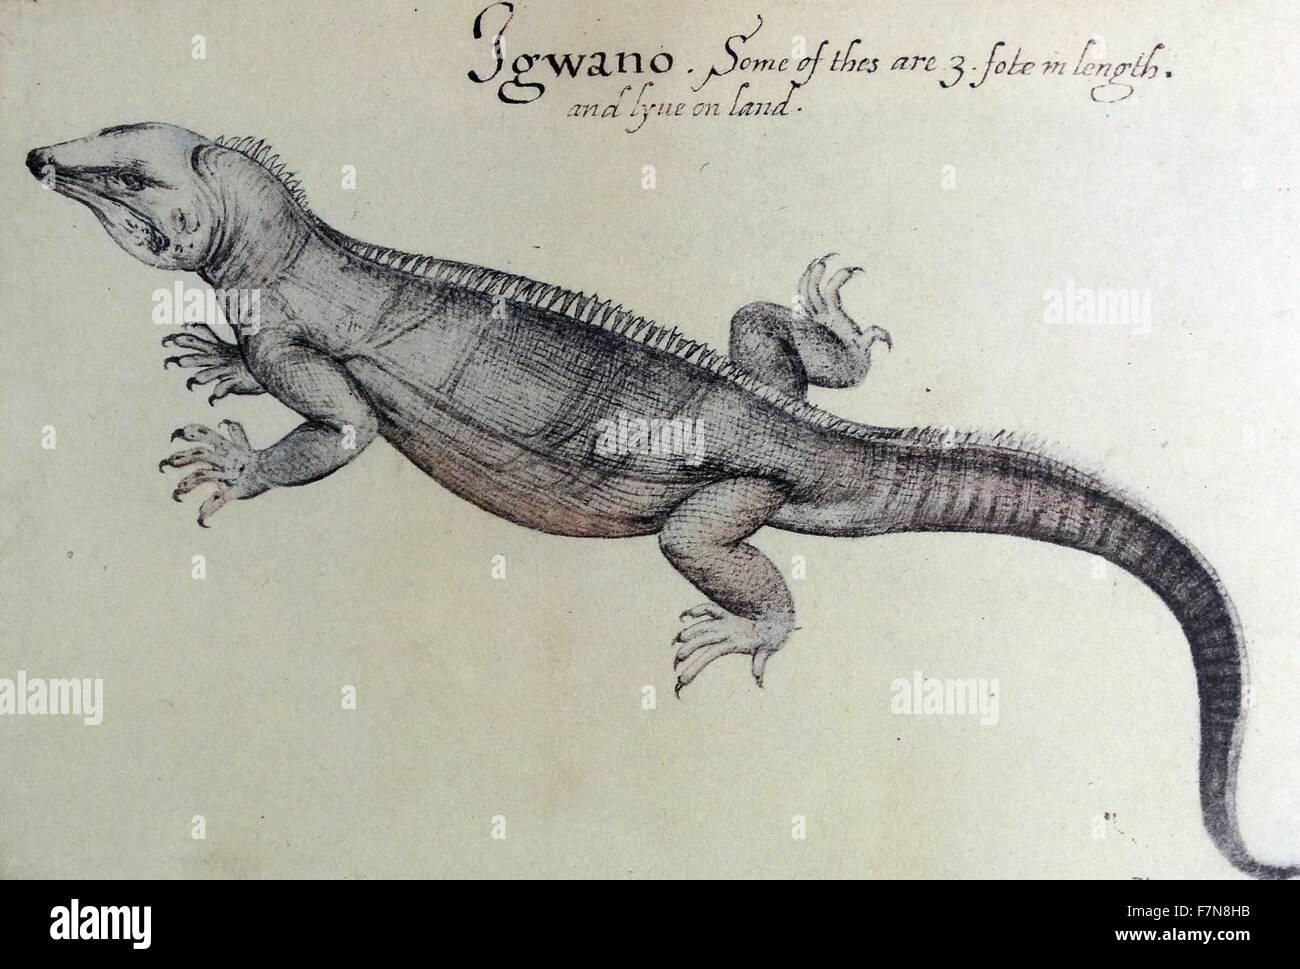 Acquerello di un iguana da Giovanni Bianco creato (1585-1586). Immagini Stock